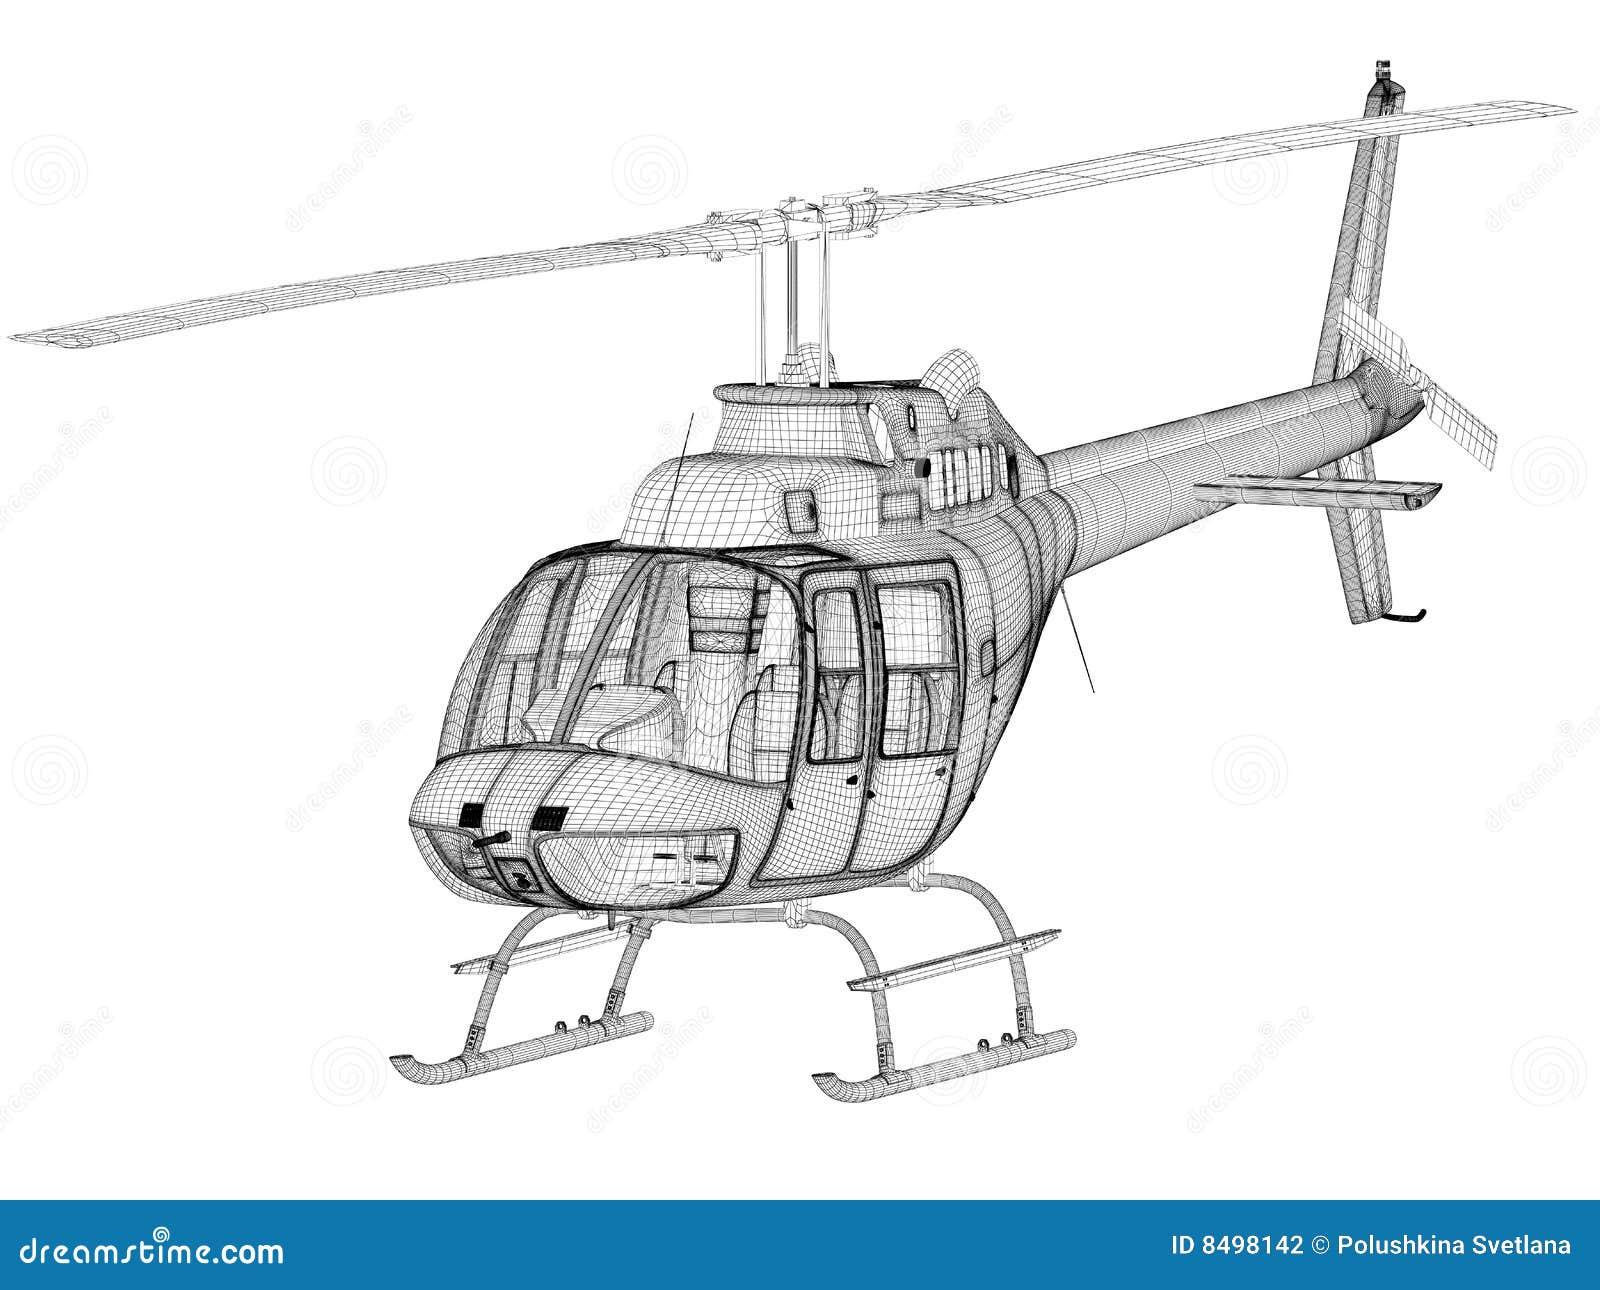 Elicottero 3d Model : Vista frontale di modello dell elicottero d illustrazione di